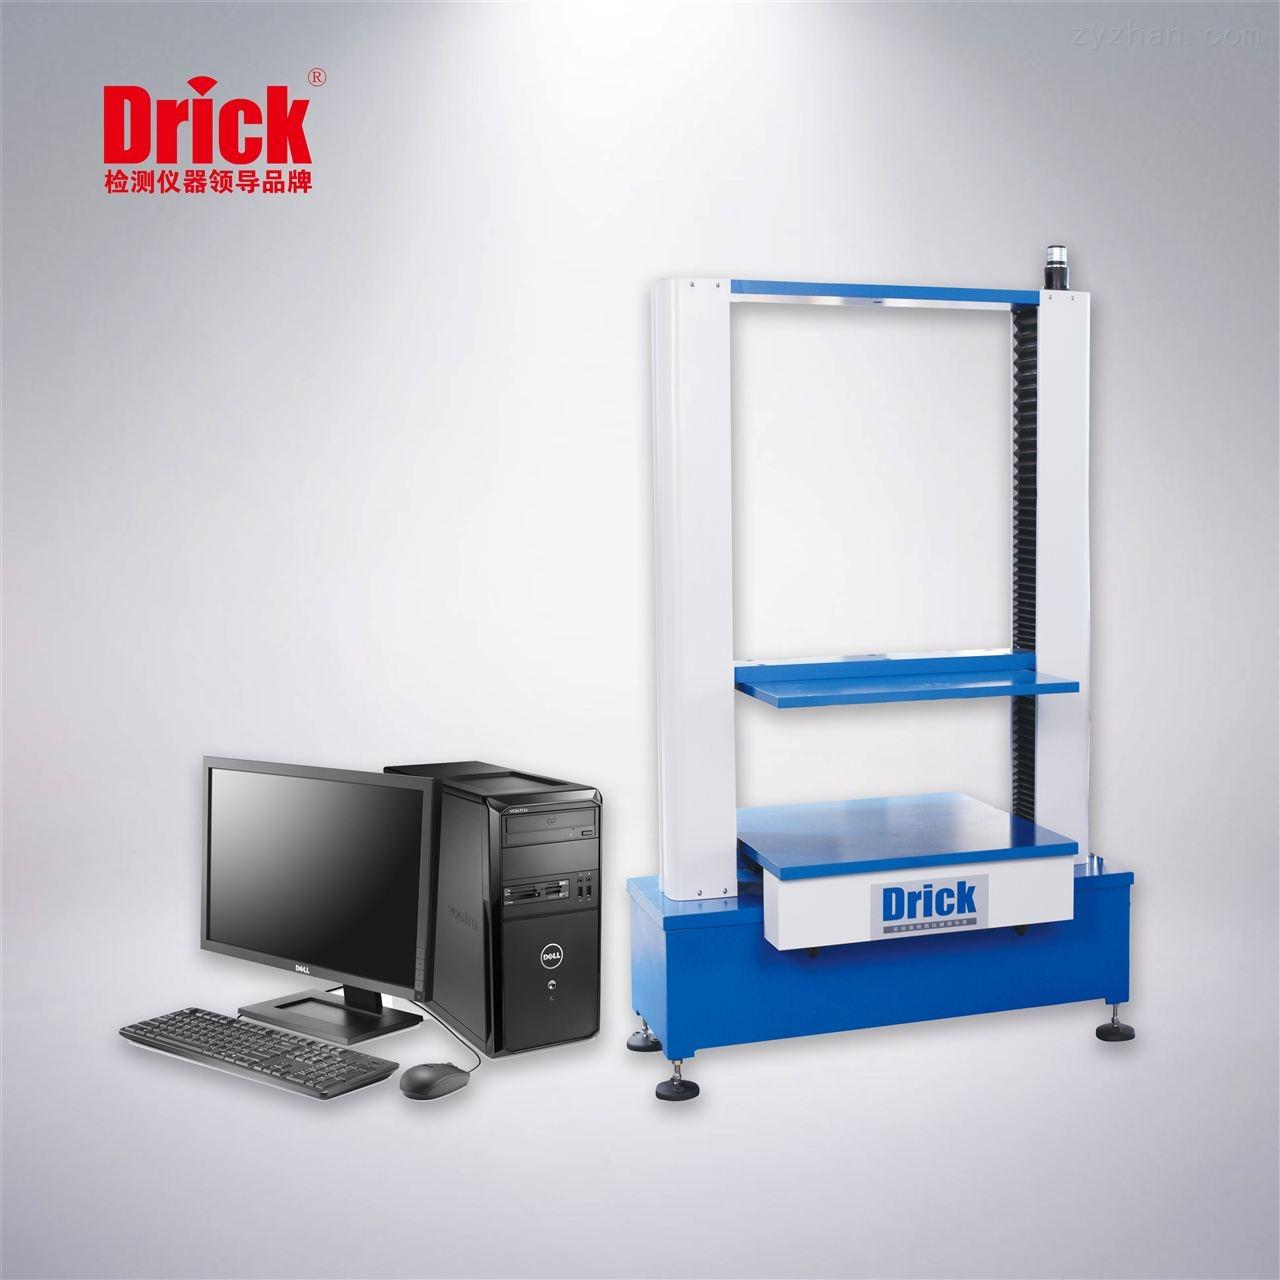 DRK123-紙箱抗壓試驗機